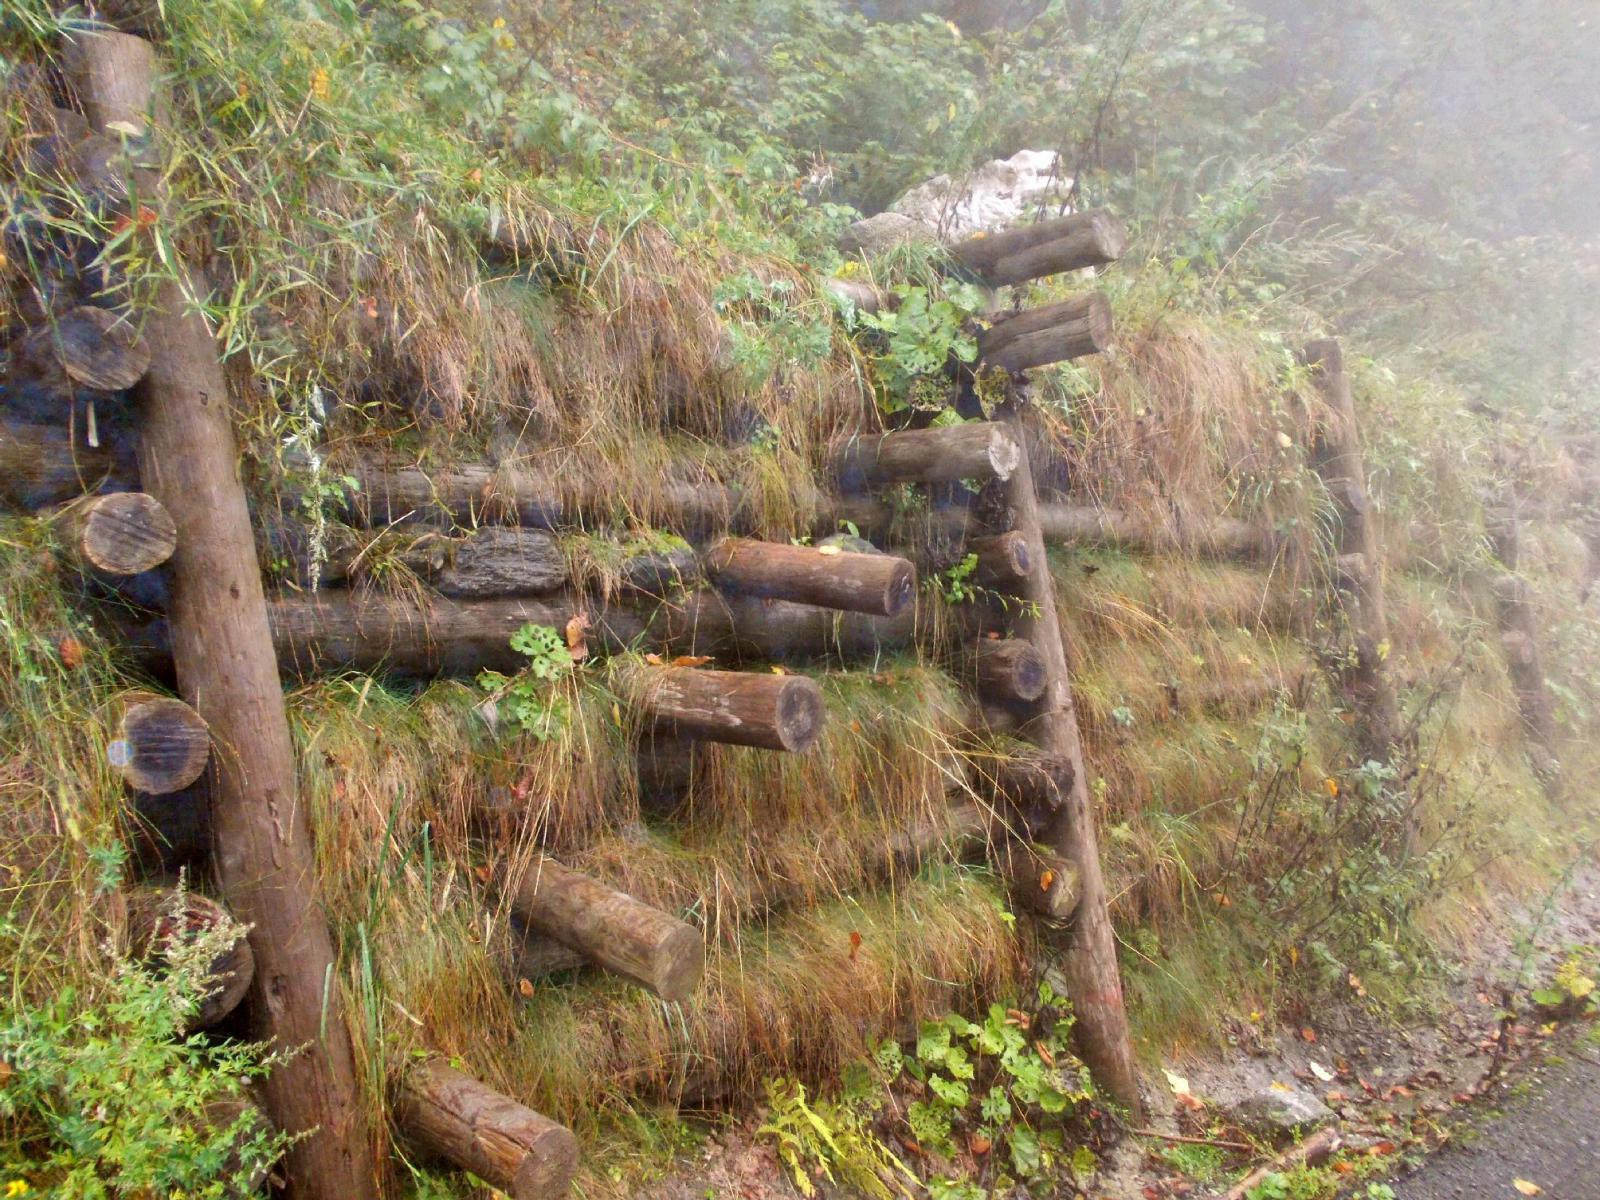 la scaletta a fine sentiero a Ponte Murato